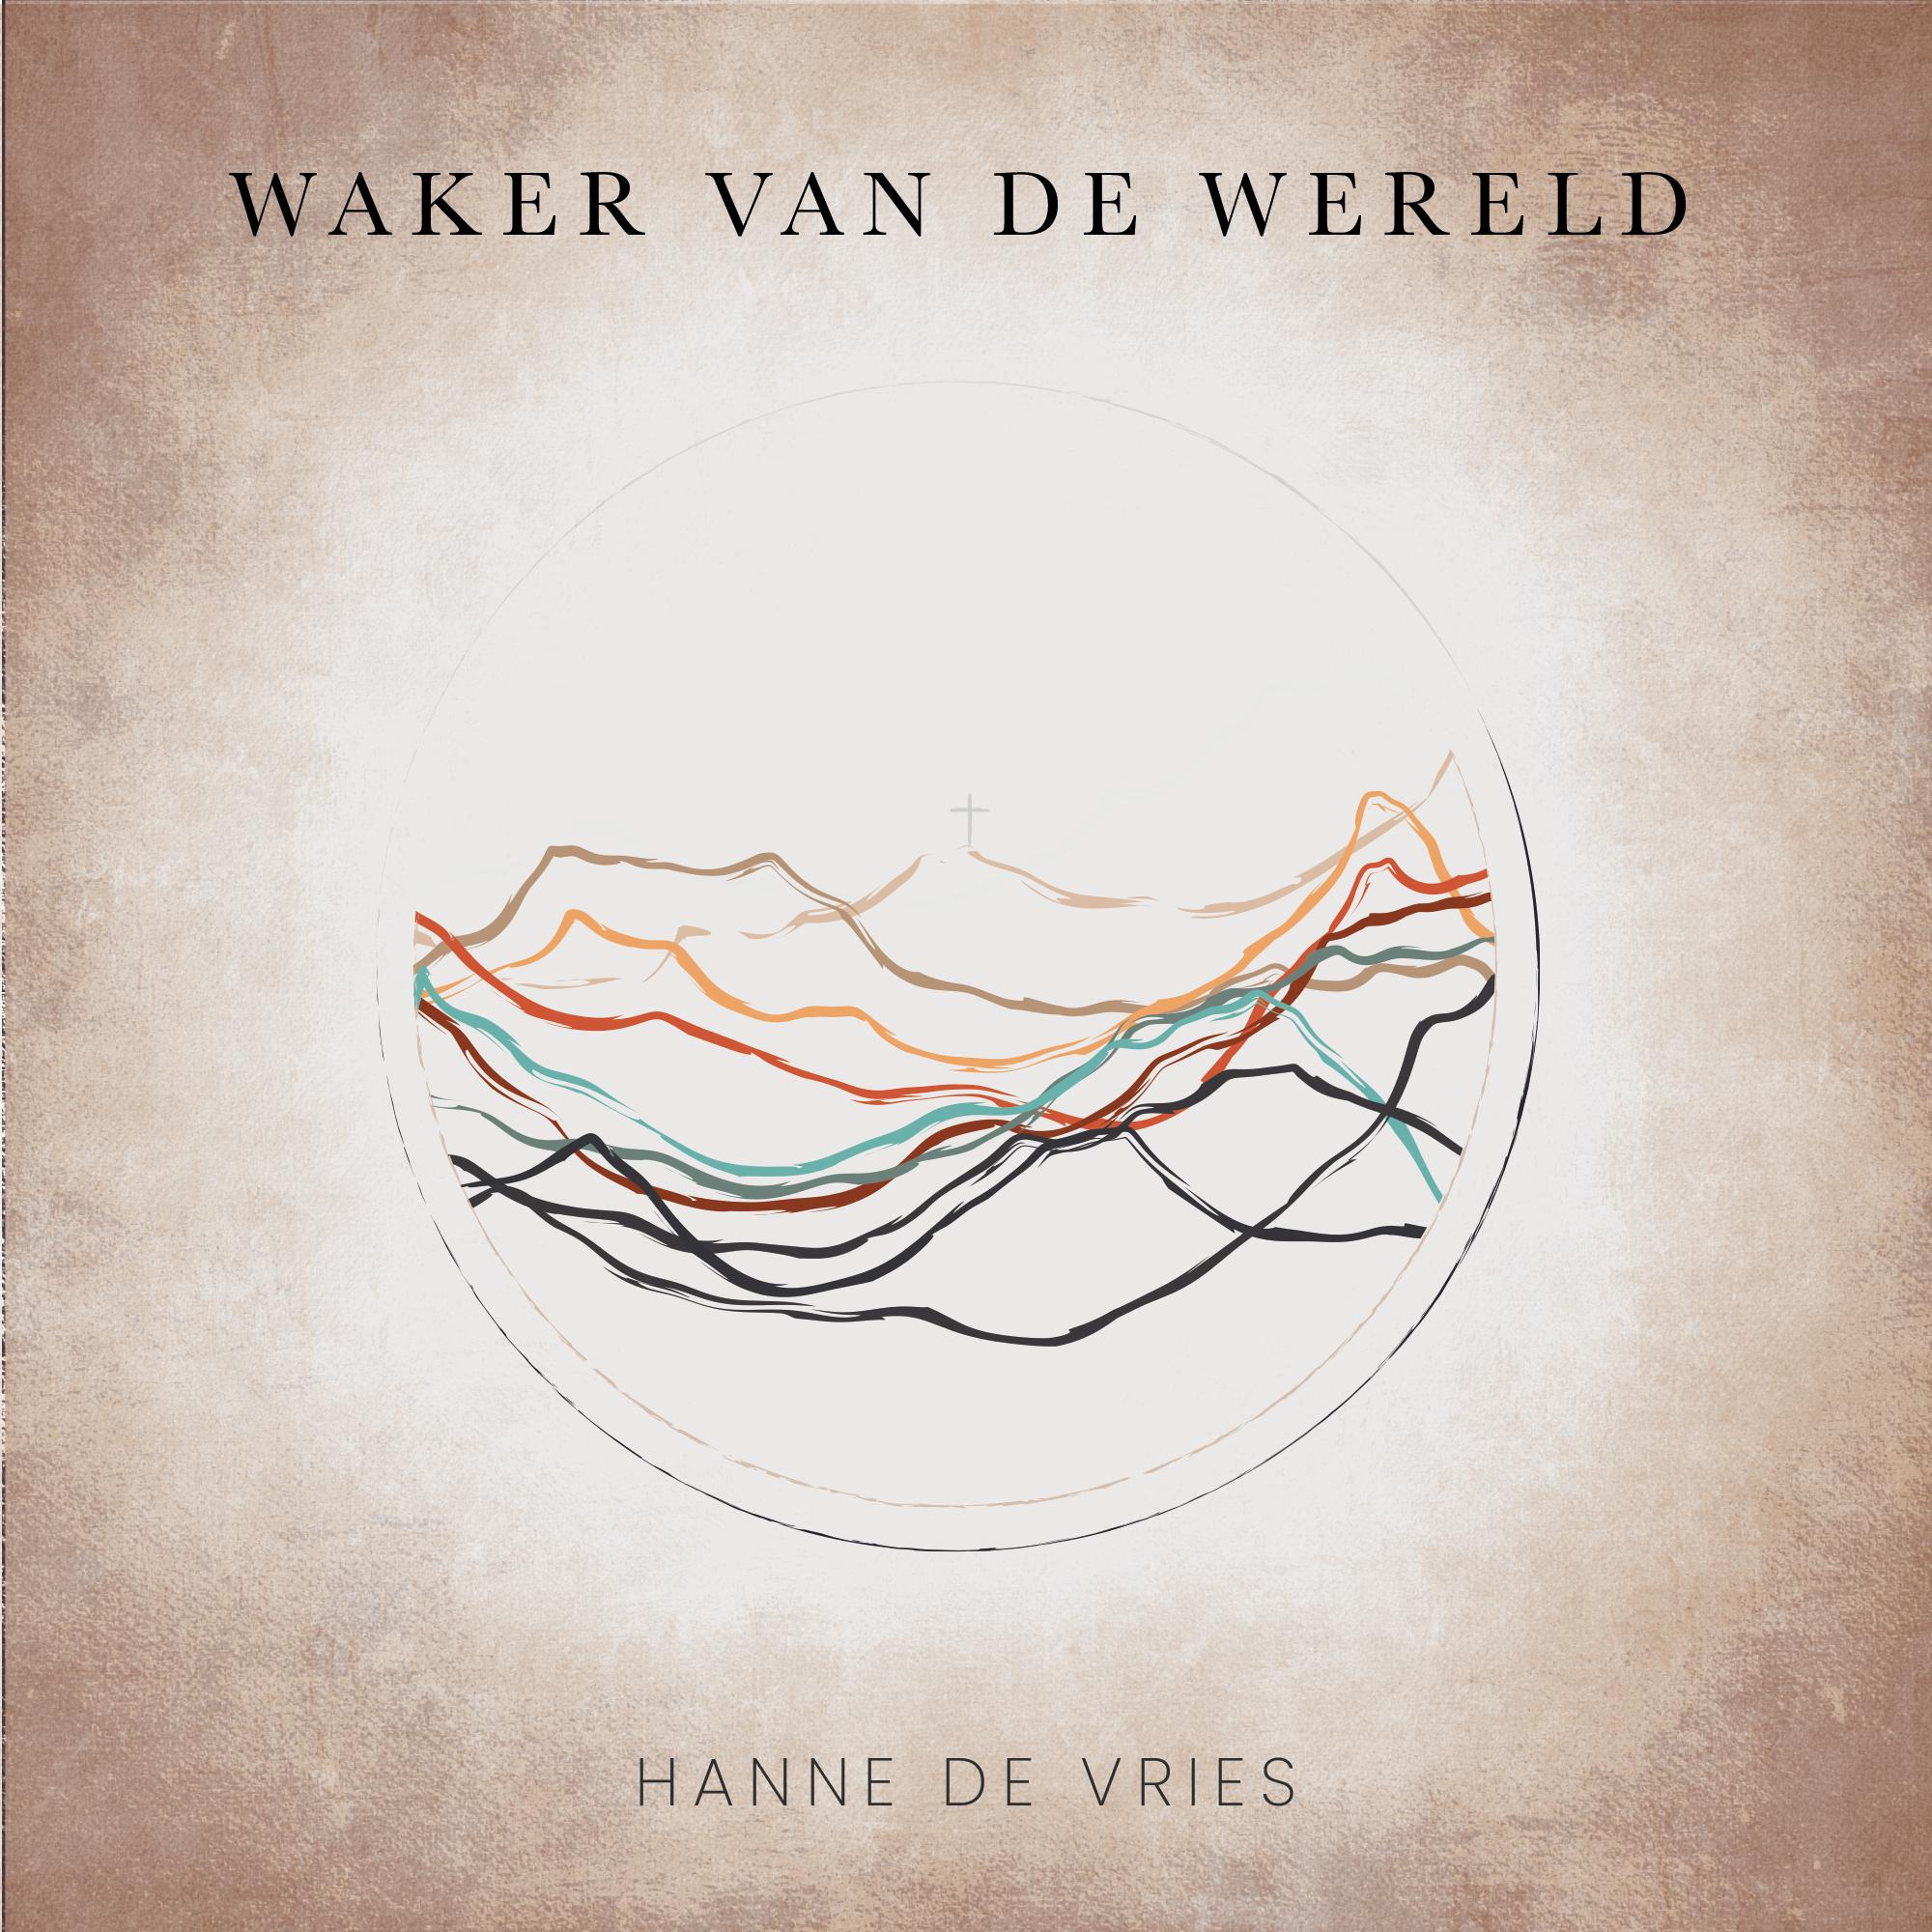 HANNE_Waker_Van_De_Wereld_FRONT